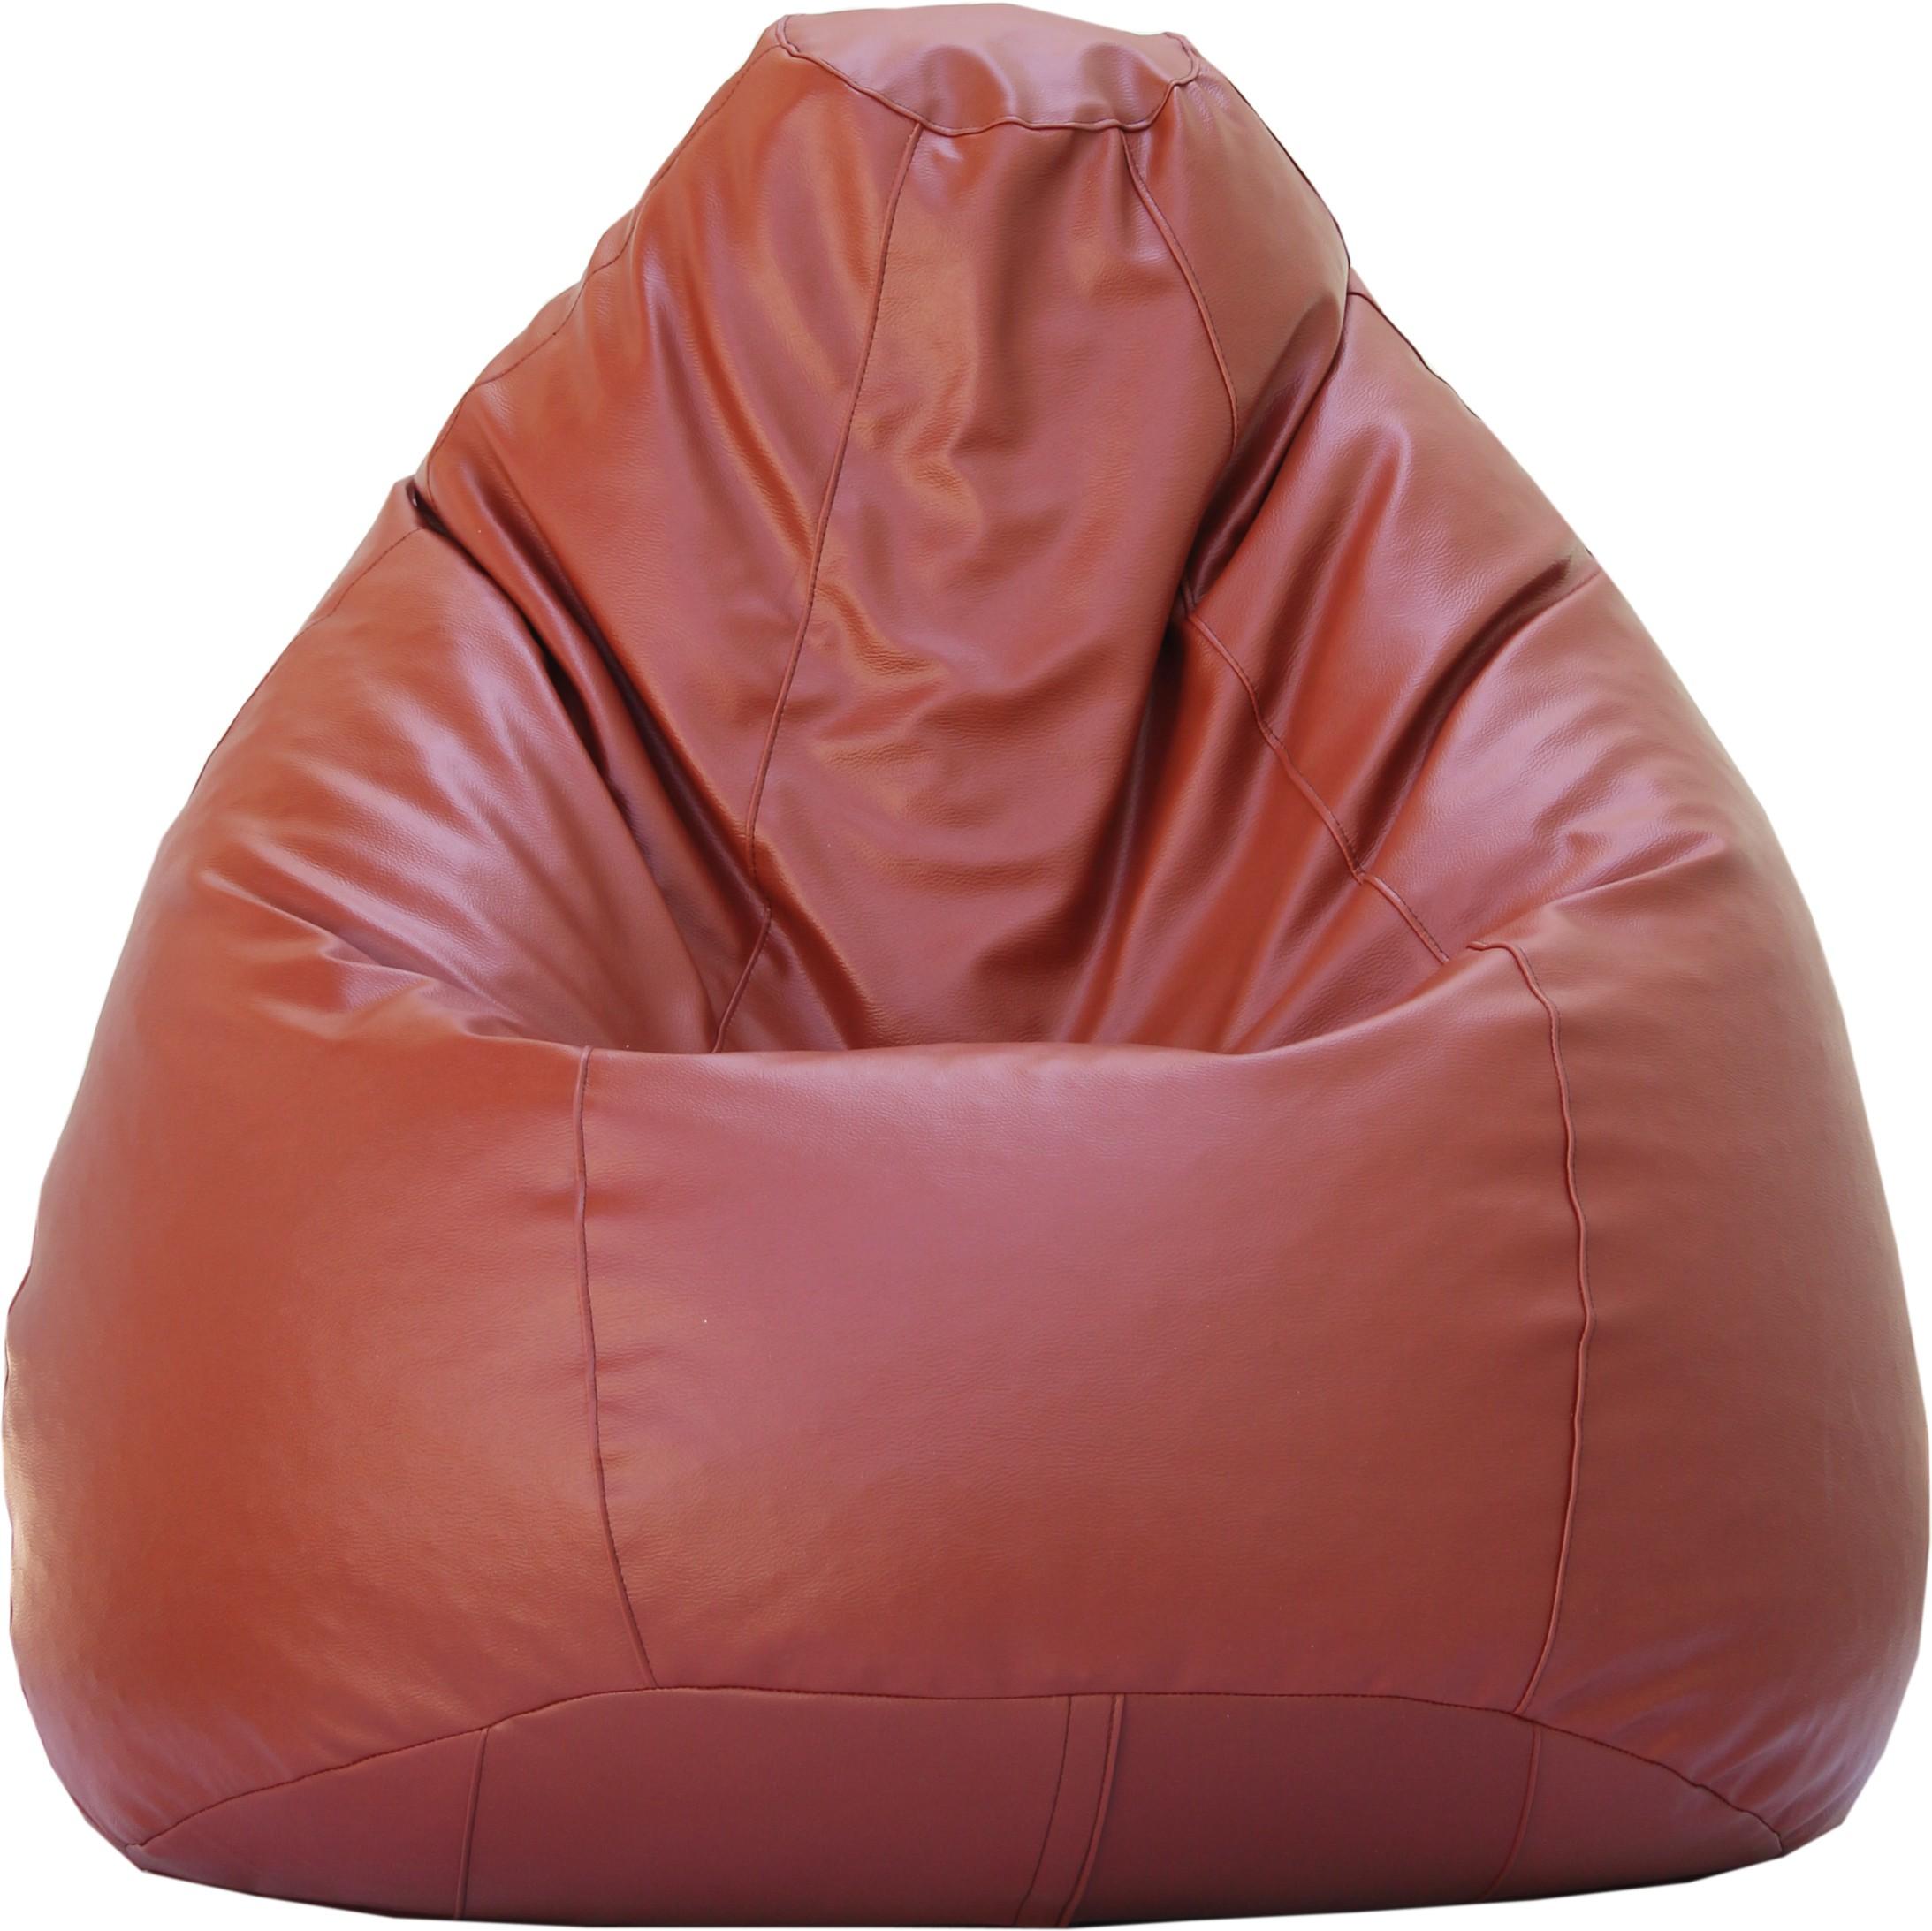 View Beanskart XXXL Bean Bag XXXL (Filled With Beans) Bean Bag  With Bean Filling(Tan) Furniture (Beanskart)